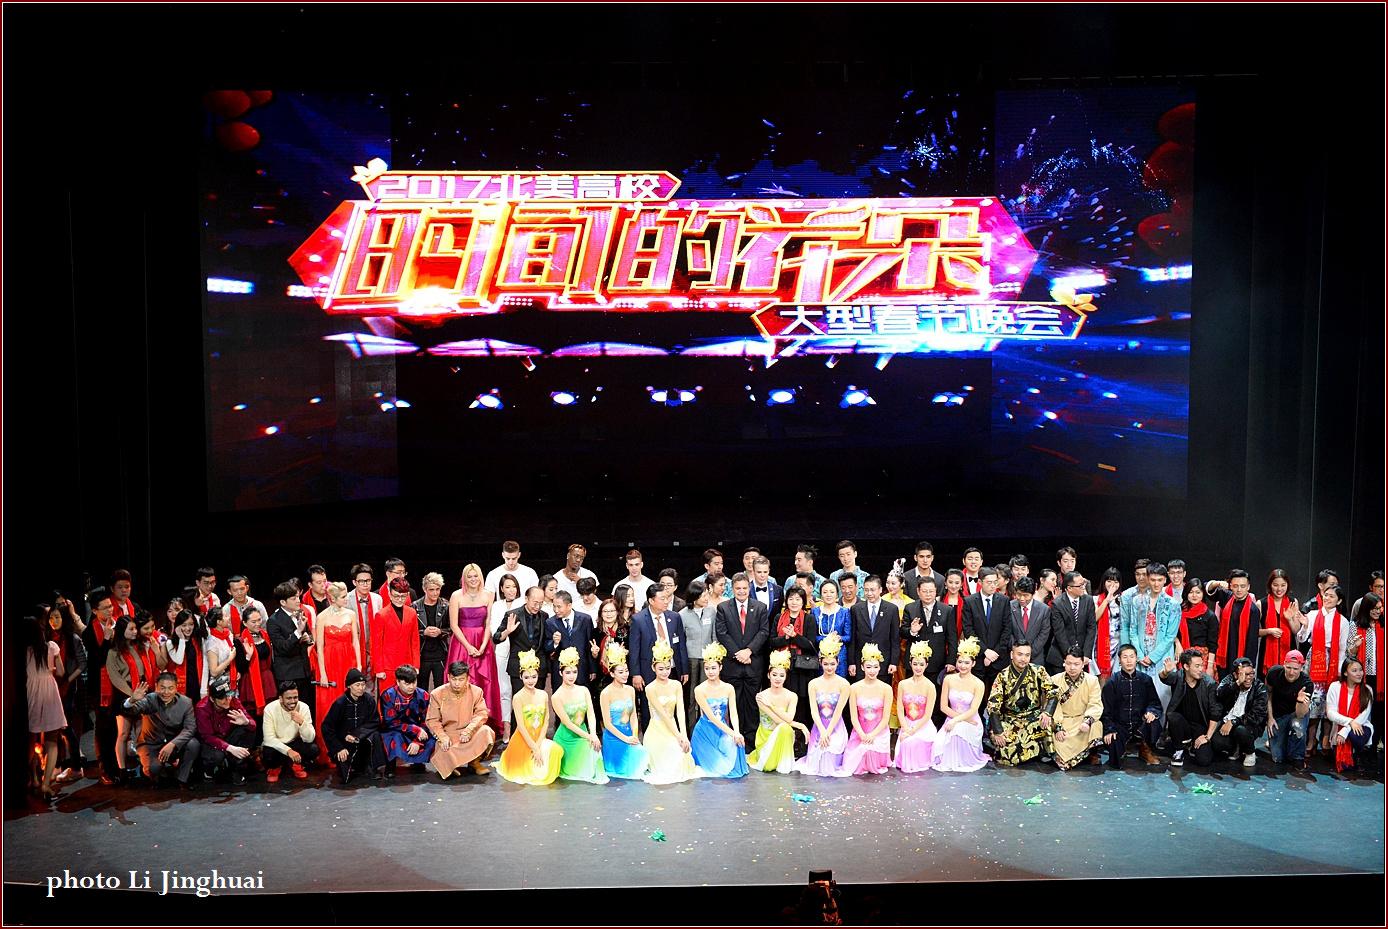 2017北美高校大型春节晚会_图1-15